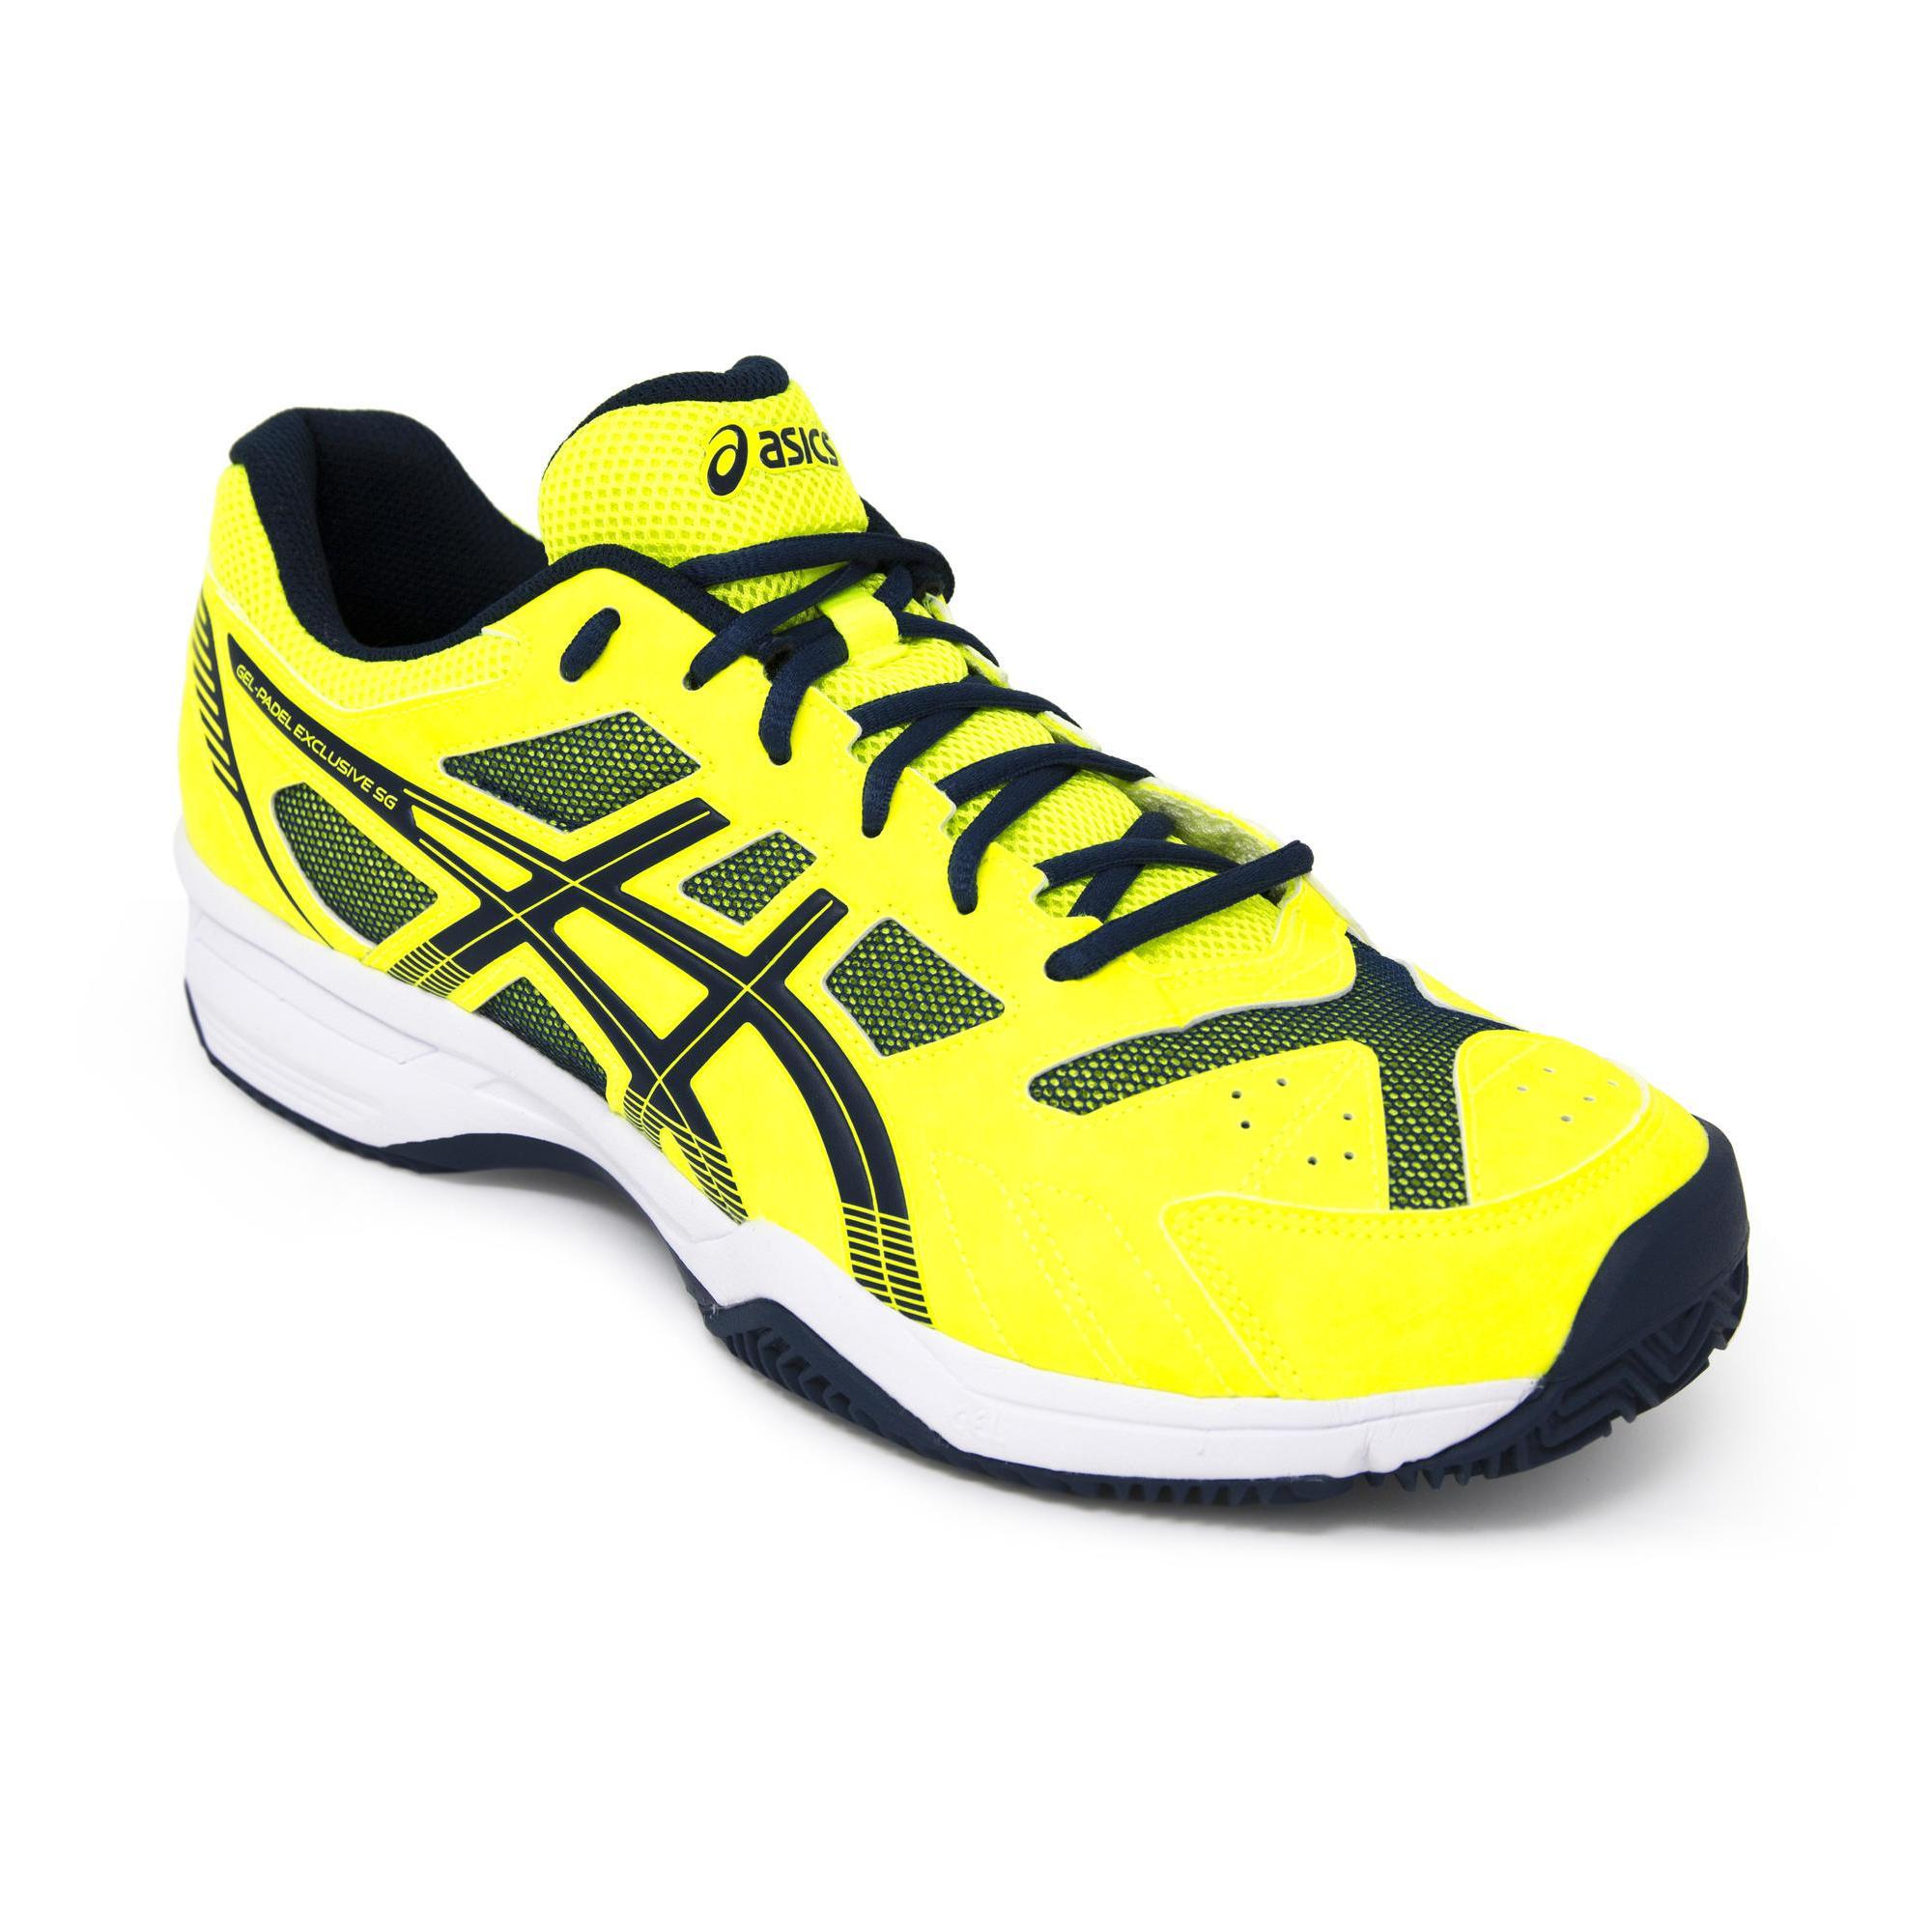 Comprar Zapatillas de pádel online  047147fb9134e